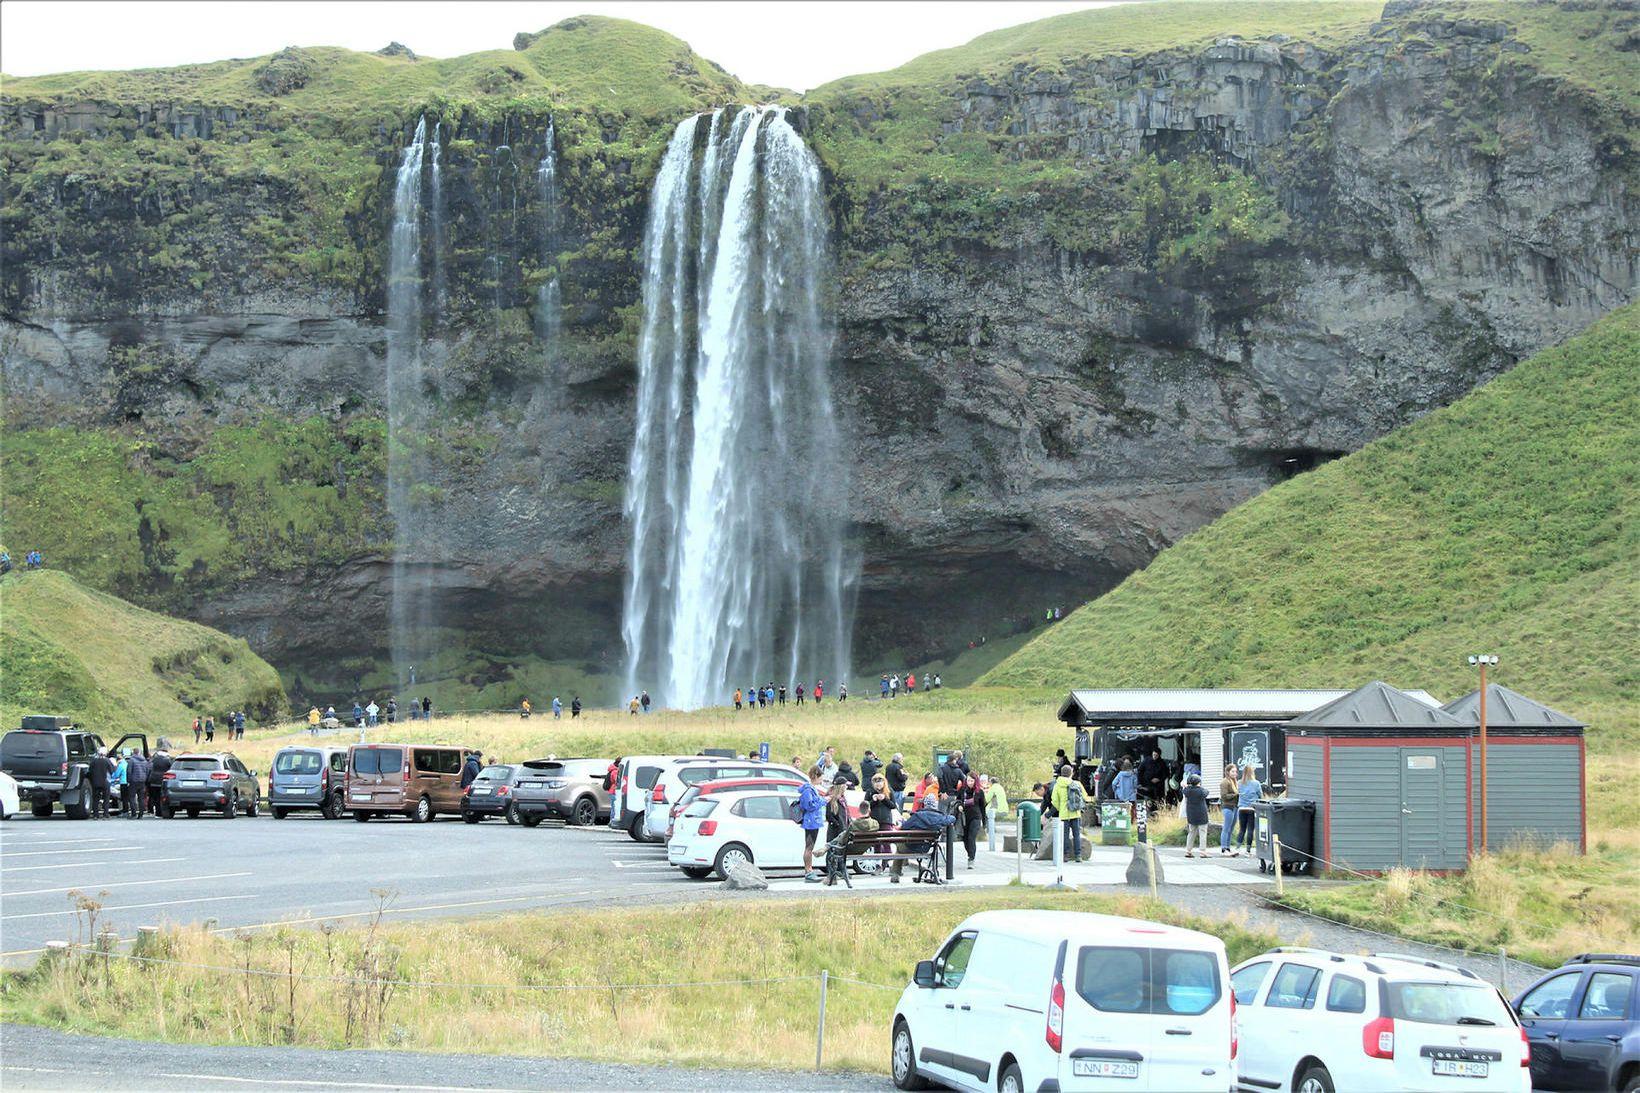 Seljalandsfoss hefur notið vinsælda meðal erlendra ferðamanna. Ljóst er að …